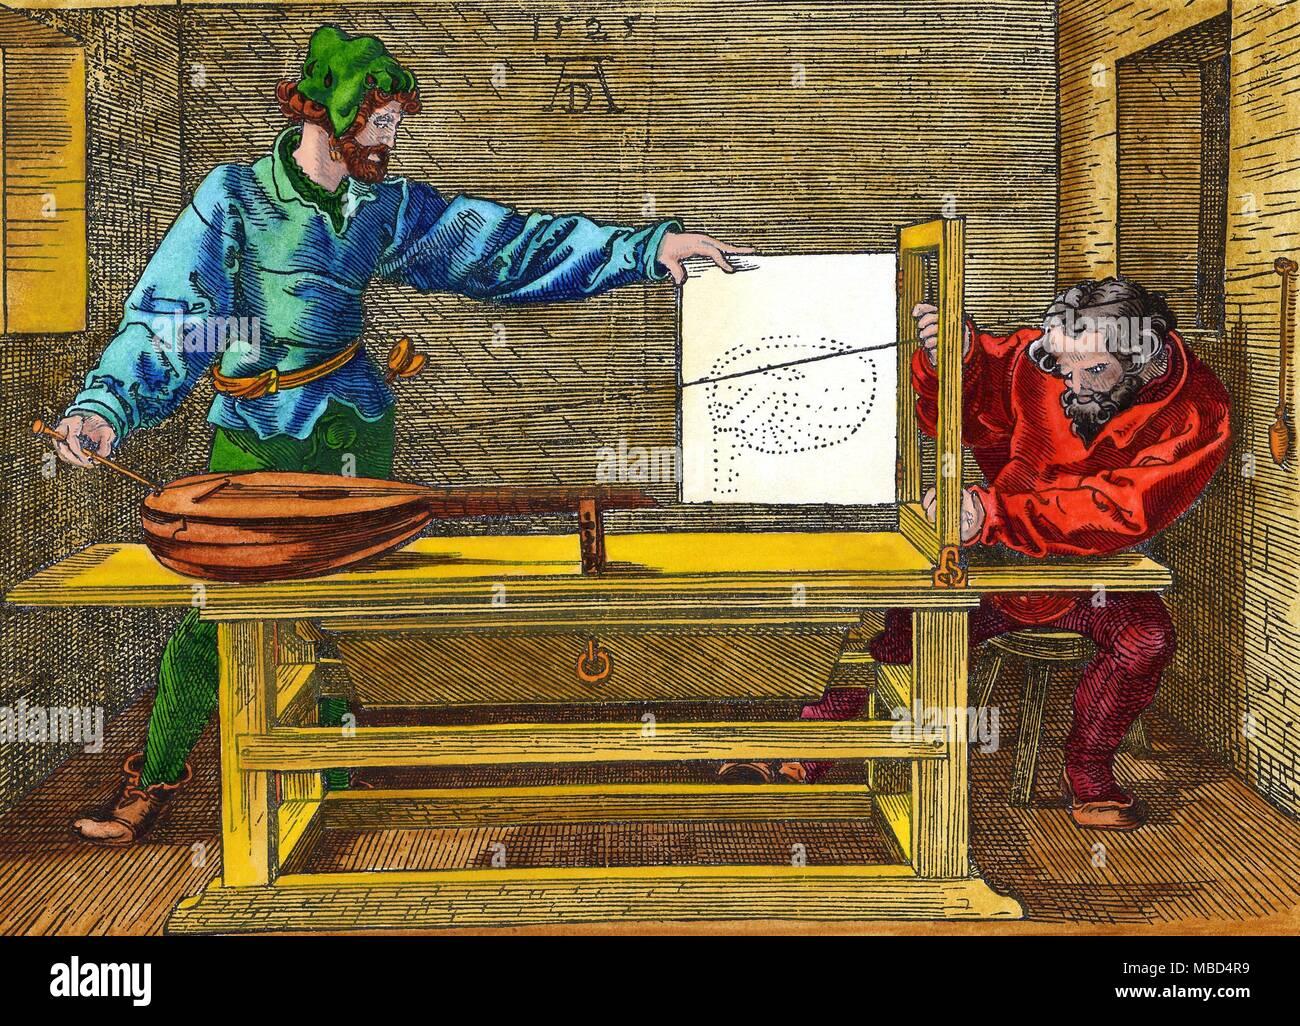 Esoterische KUNST - DURER Zeichnung, mit zwei Künstler Bau auf einem Blatt das Bild einer Laute, in der Perspektive. Hand - farbige Holzschnitt von 1525, die von Albrecht Dürer. Stockbild